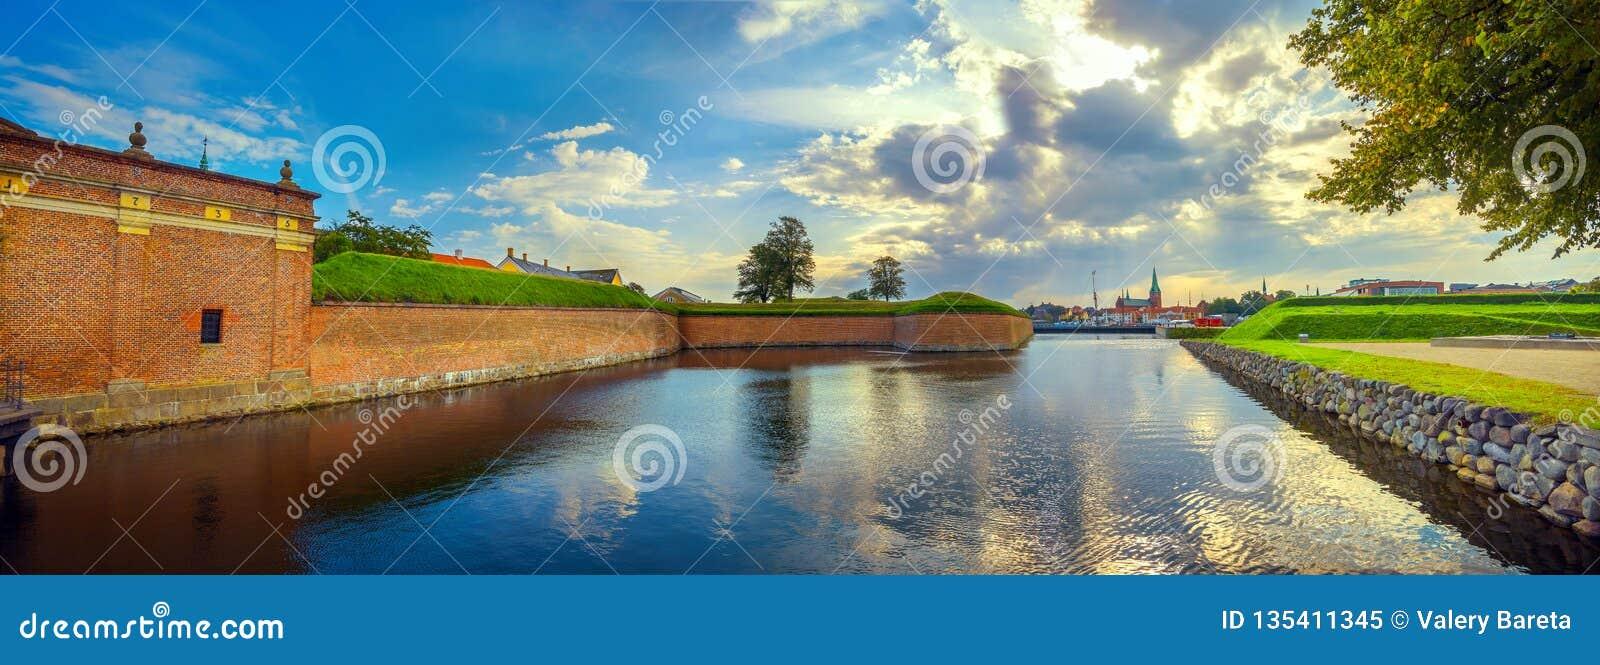 Τοίχοι και τάφρος φρουρίων με το νερό στο κάστρο Kronborg στο ηλιοβασίλεμα Δανία helsingor